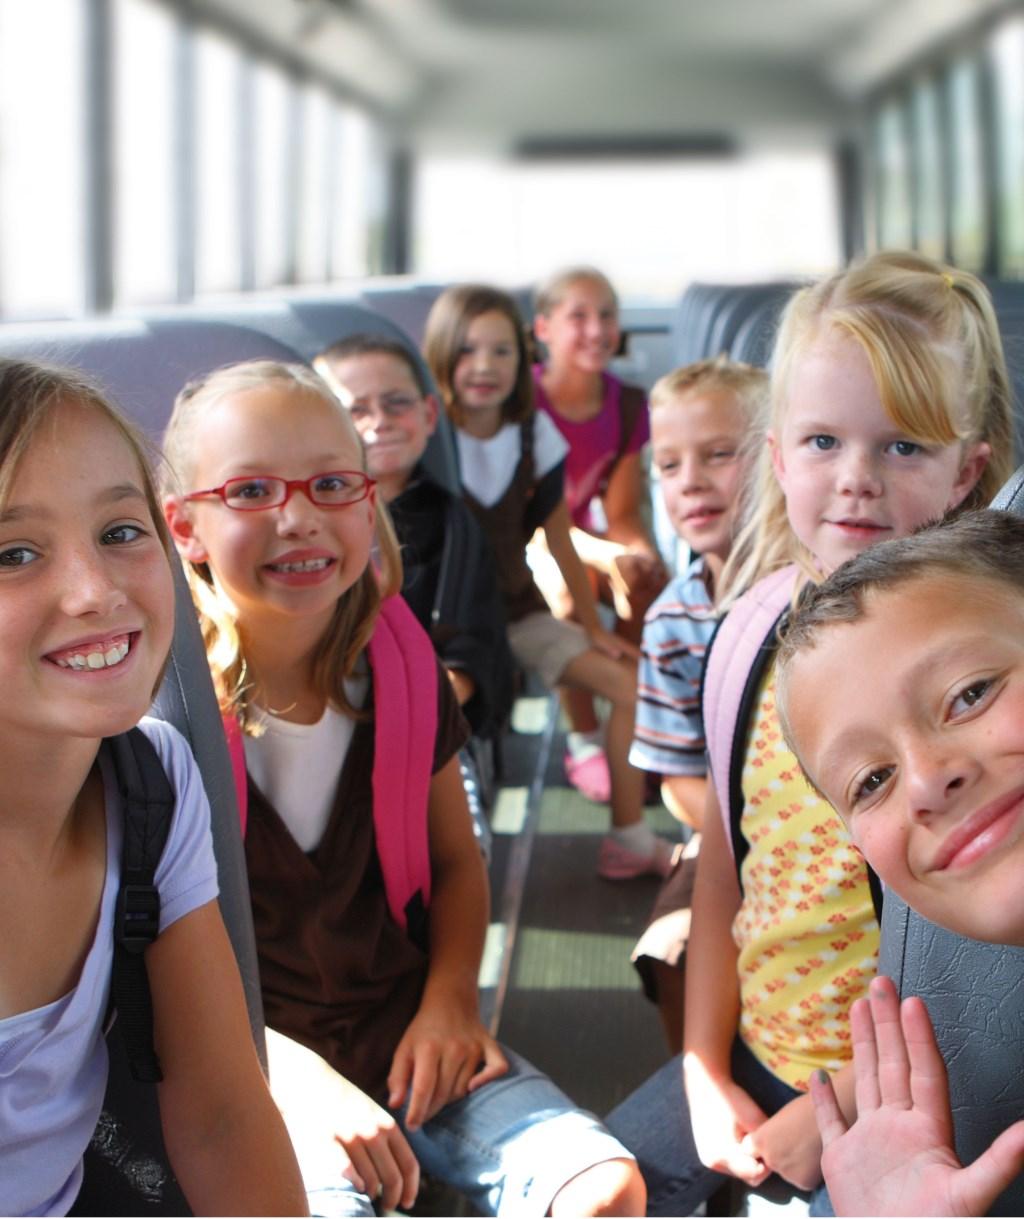 Elk kind moet mee kunnen doen aan leuke en belangrijke dingen, vinden ze bij degemeente Enschede. Denk bijvoorbeeld aan het jaarlijkse schoolreisje.